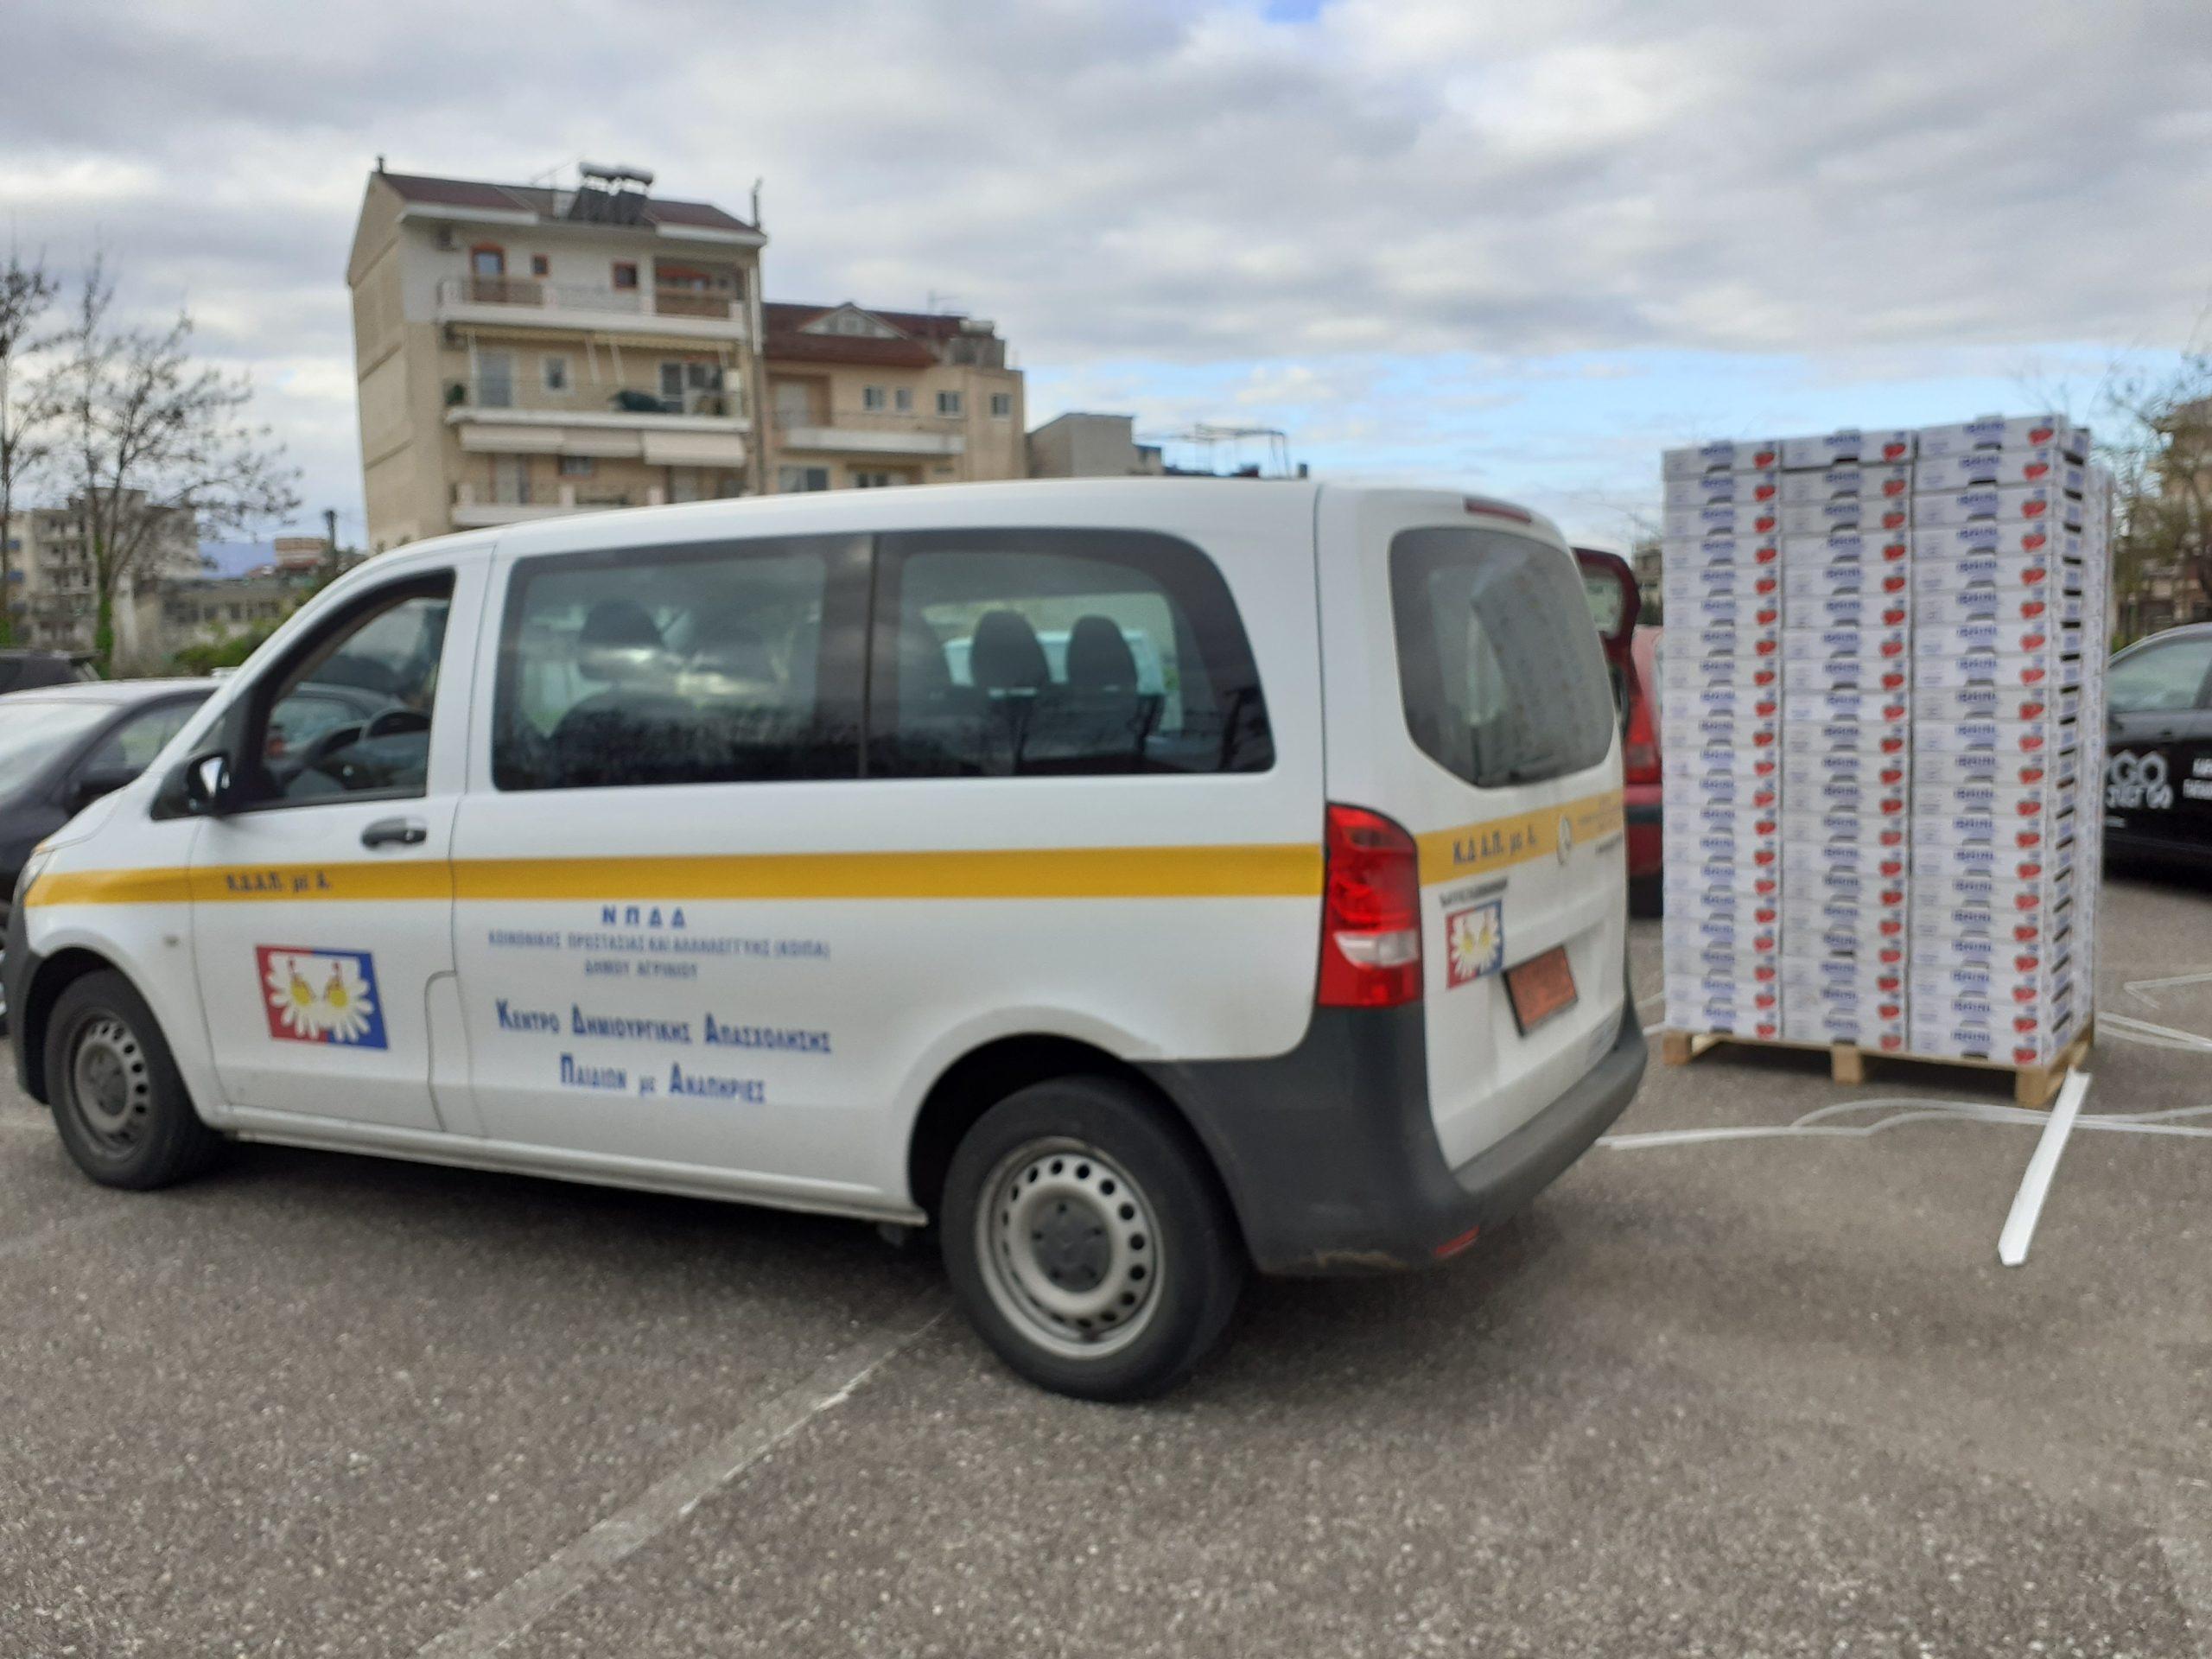 Διανομή φρούτων στους δικαιούχους του Κοινωνικού Παντοπωλείου Αγρινίου την Τετάρτη